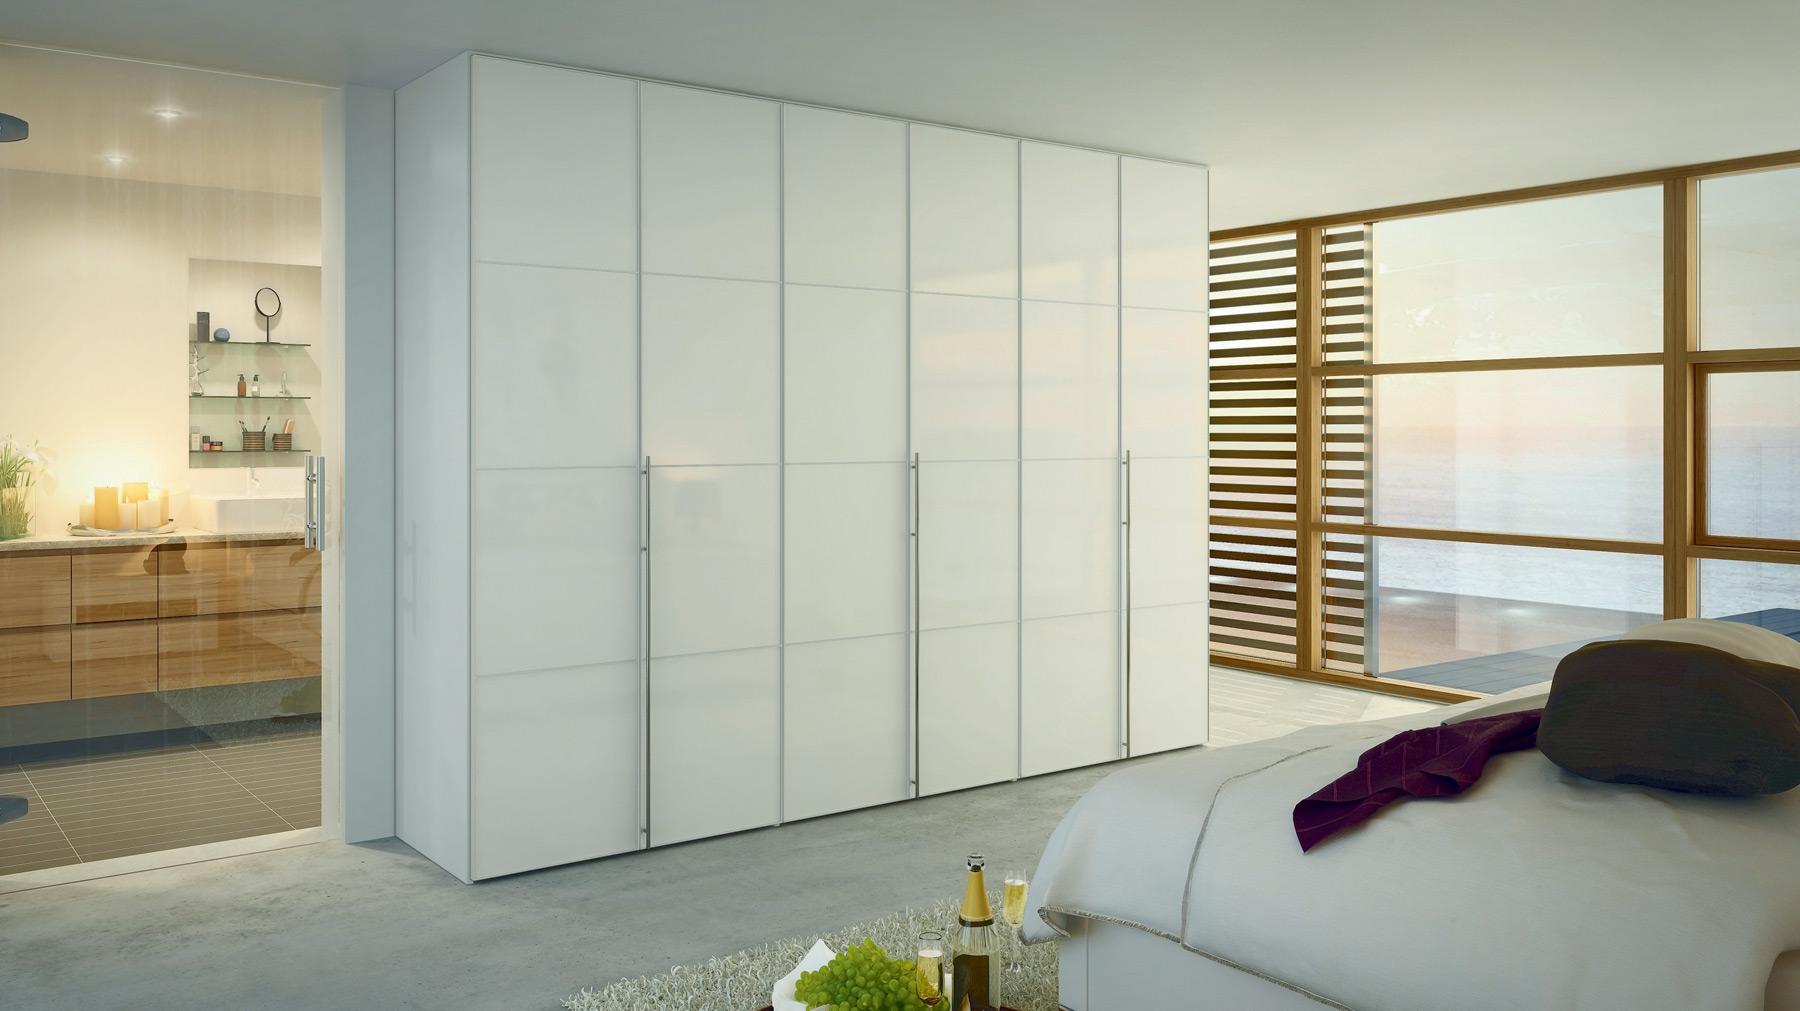 Распашной шкаф- классика для спален или современный шкаф-купе